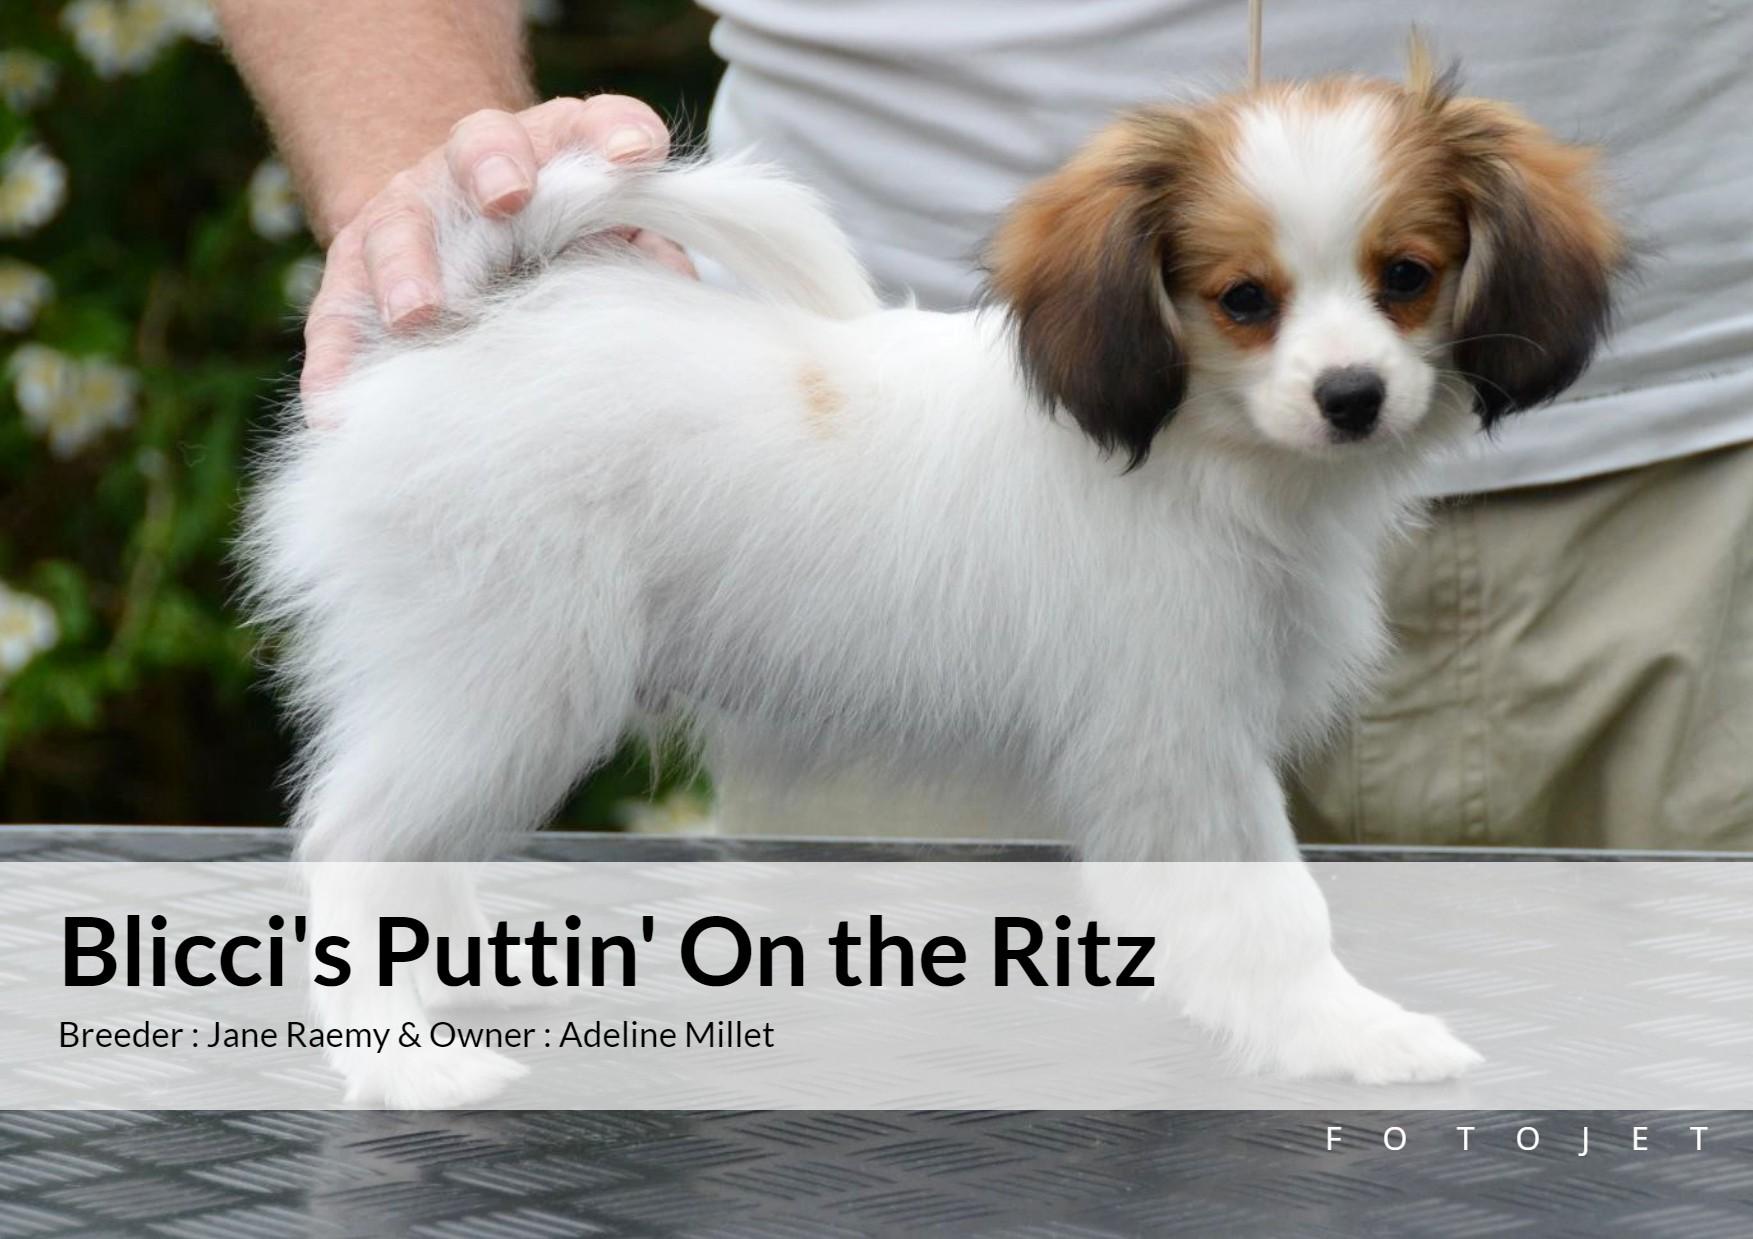 blicci's Puttin' on the ritz